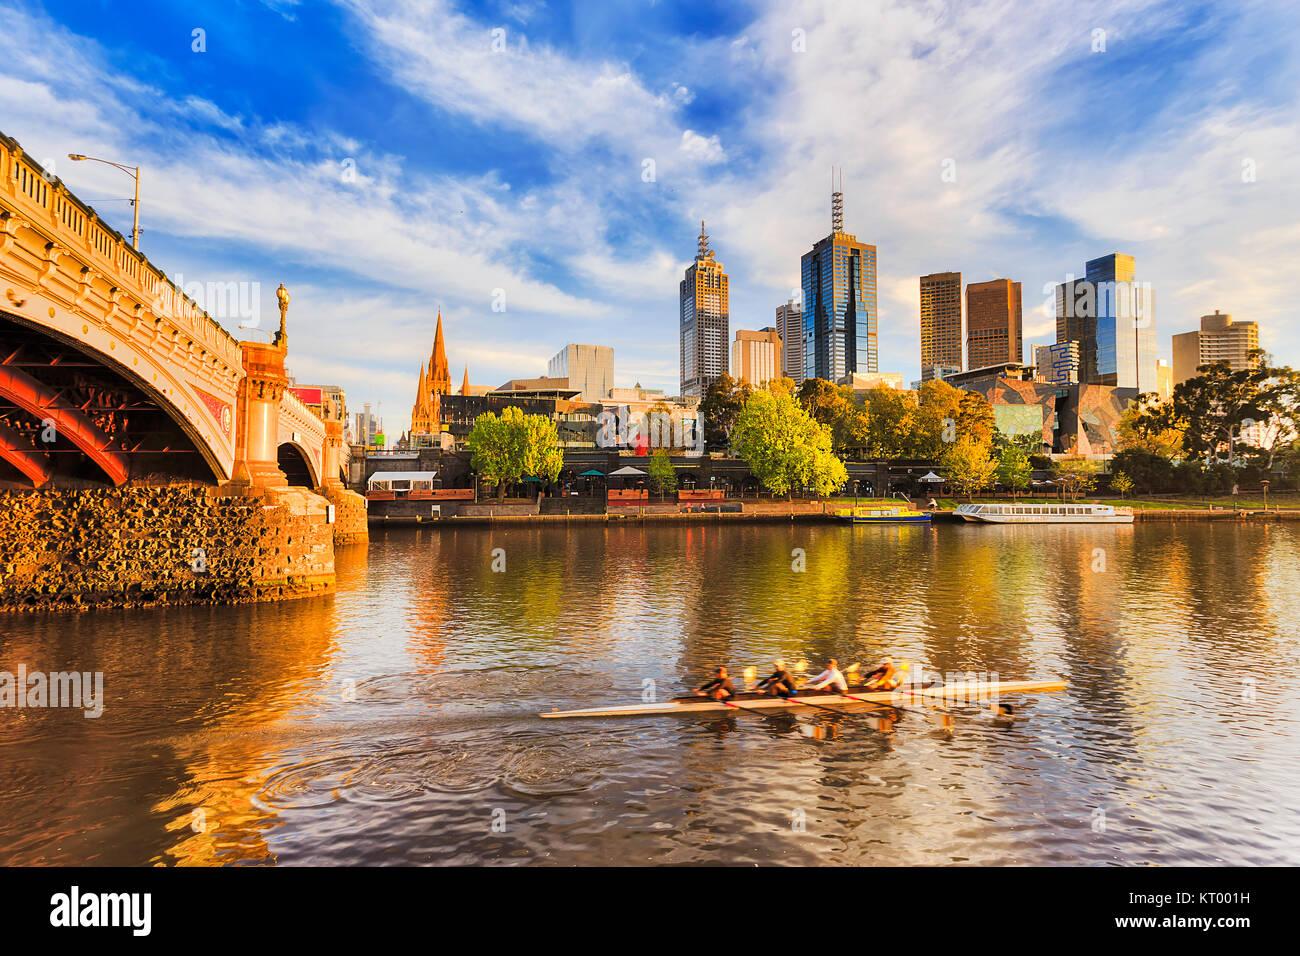 La lumière du soleil d'or et de matin heure sur la ville de Melbourne CBD vue hautes tours sur le bord Photo Stock